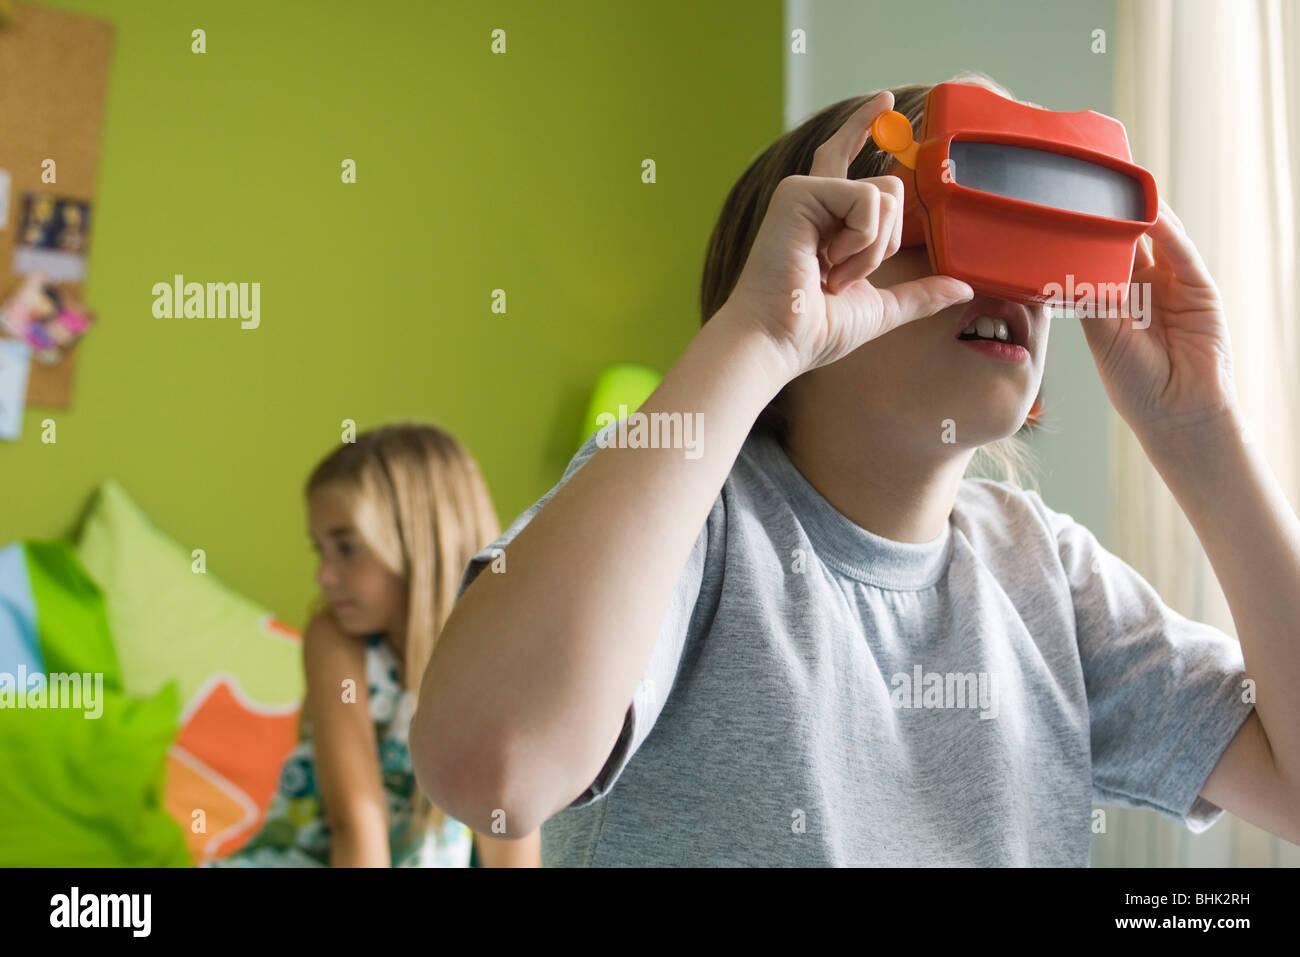 Ragazzo che guarda attraverso il mirino del giocattolo Immagini Stock